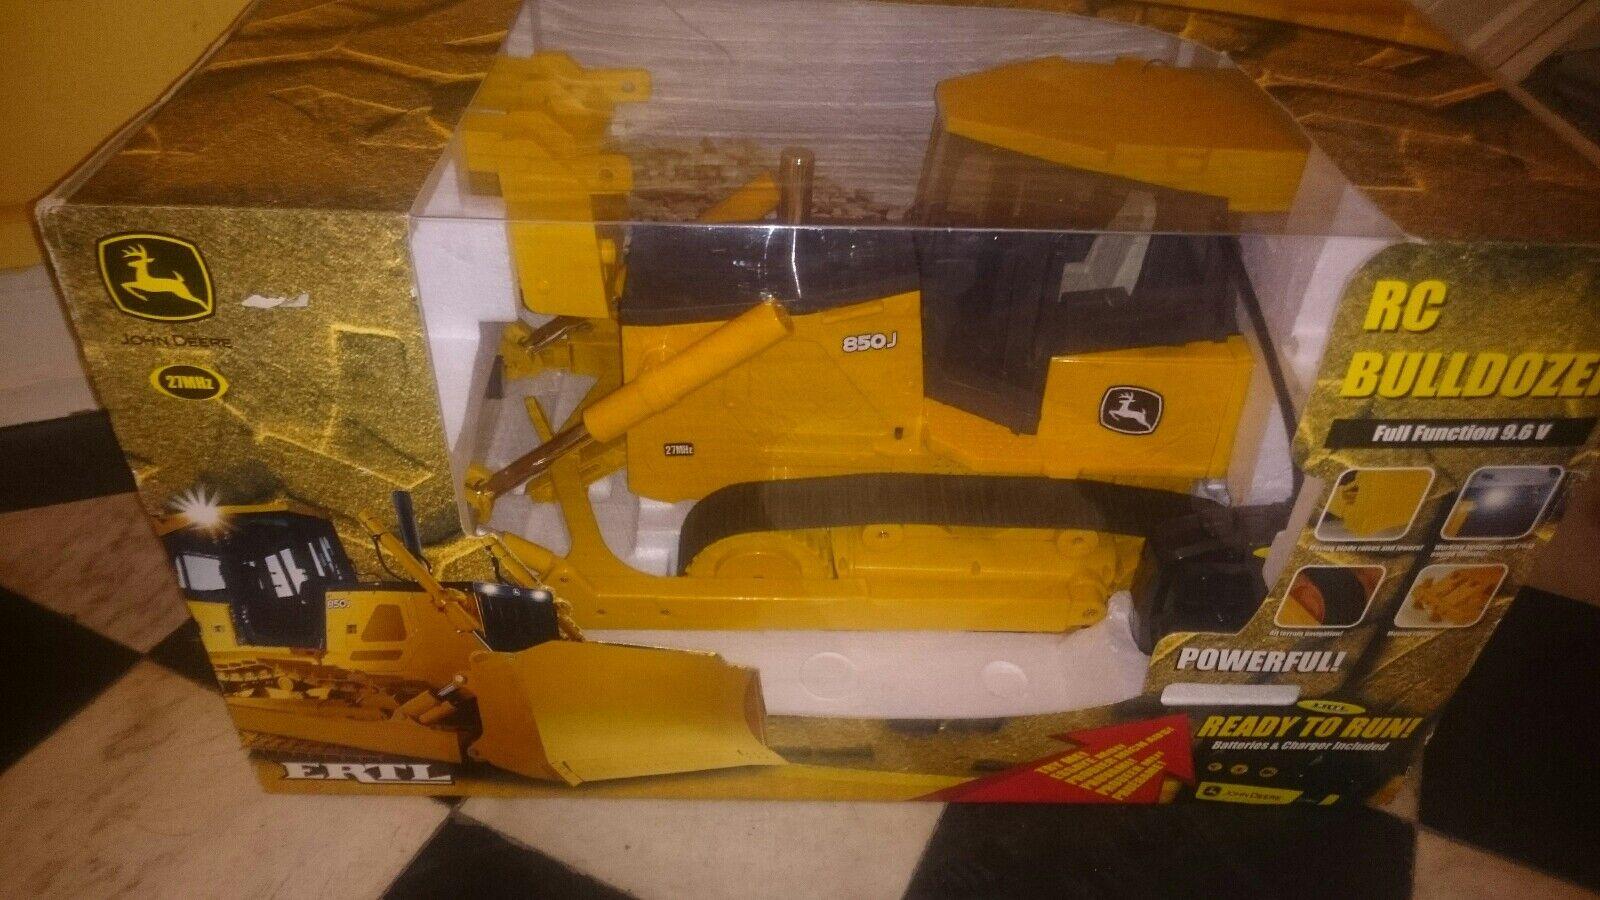 marca RC modellbau John John John Deere excavadora 850j bulldozer de ertl (nuevo & en embalaje original)  clásico atemporal